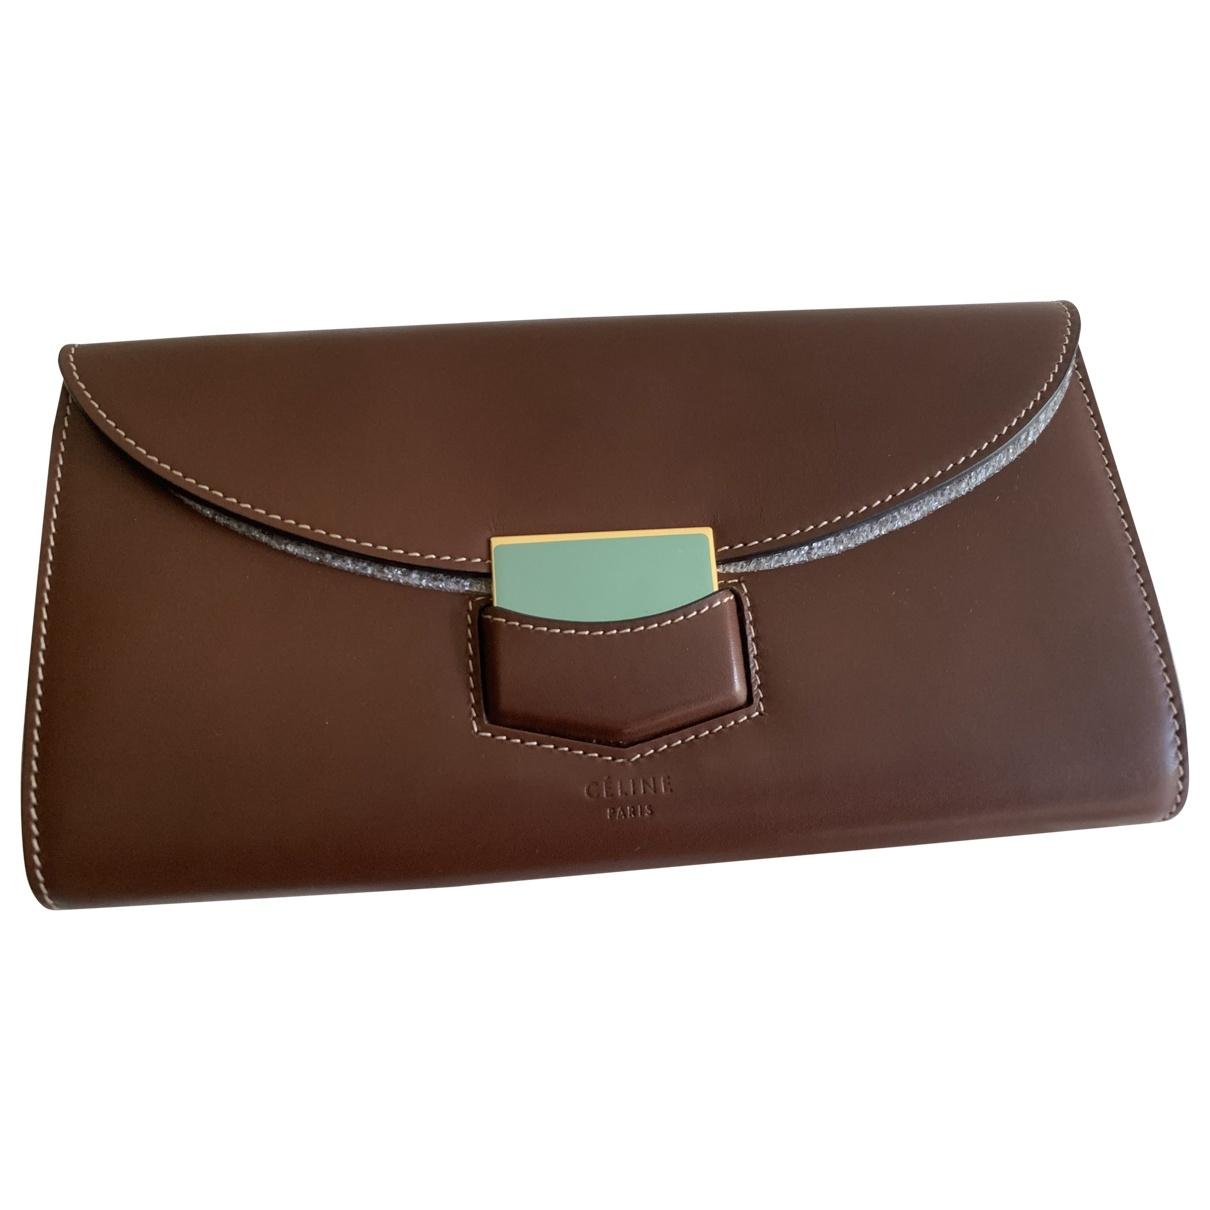 Celine \N Brown Leather wallet for Women \N